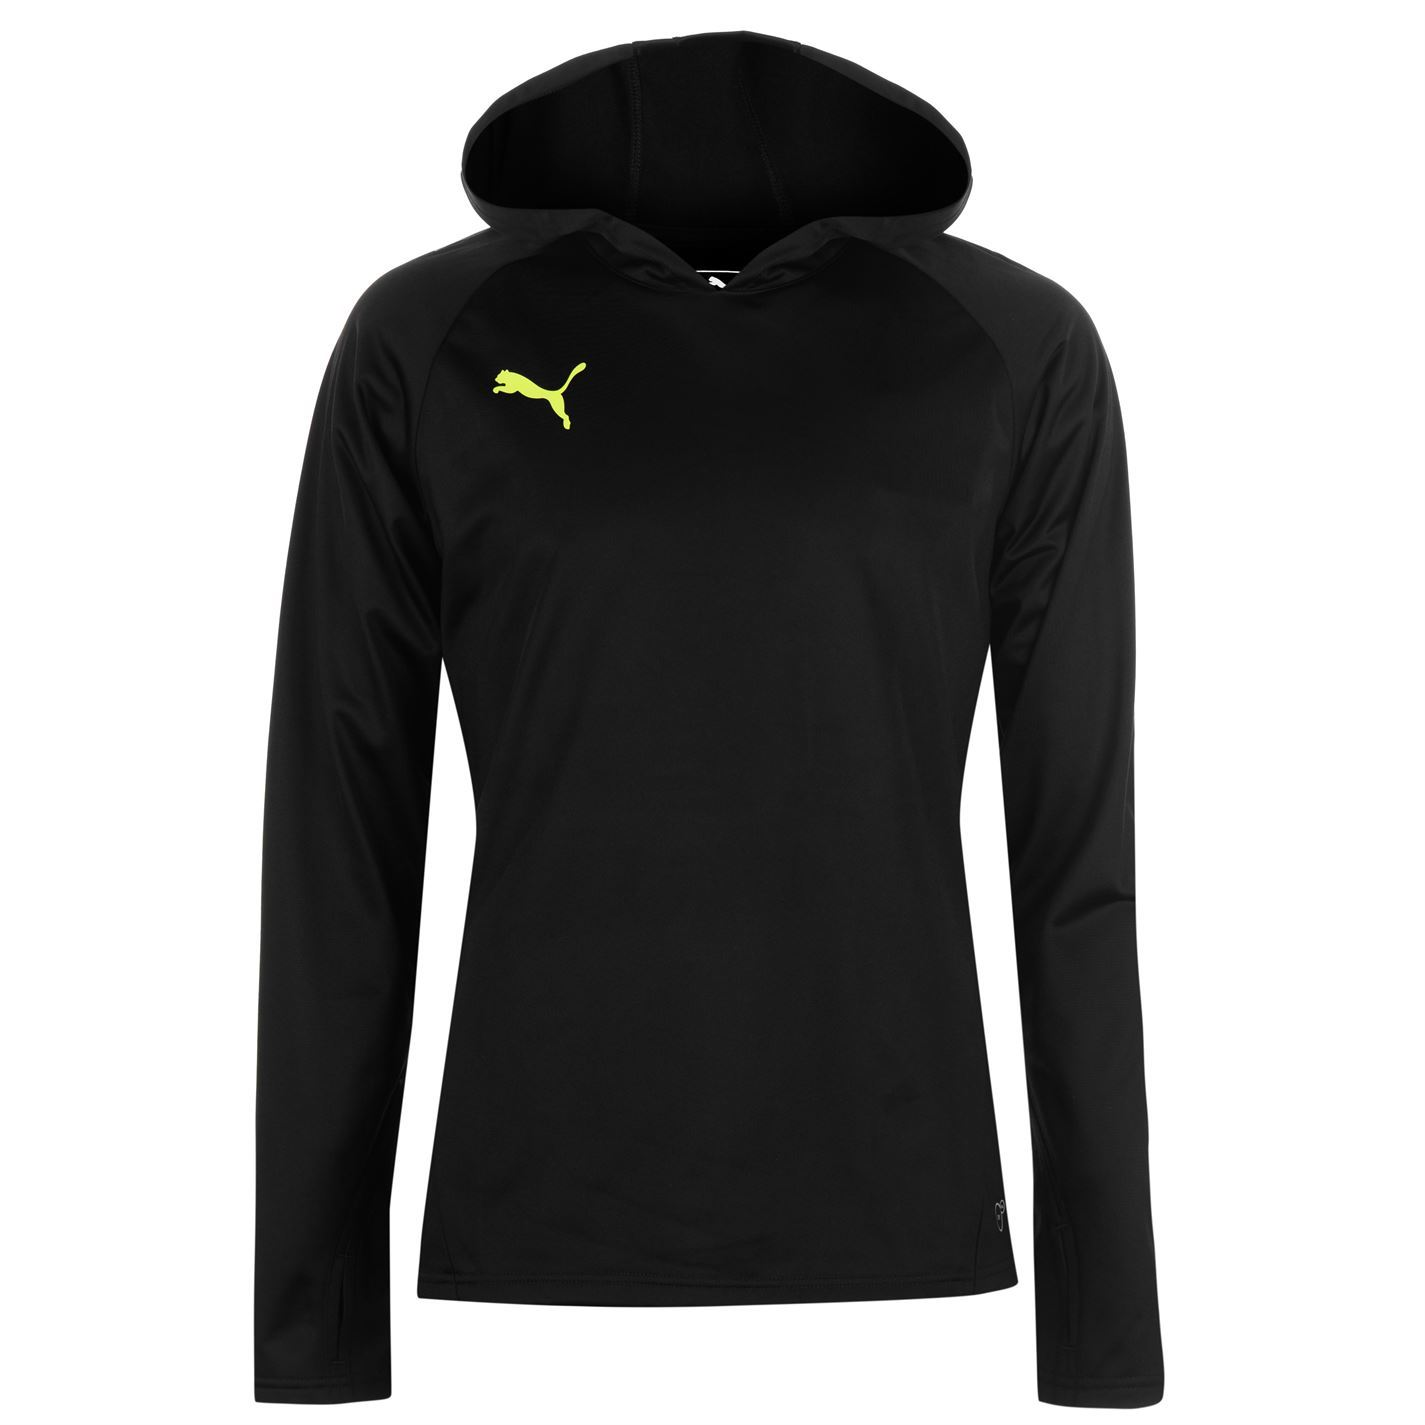 Puma Training Pullover Hoody Mens Hoodie Top Sweatshirt Sweater